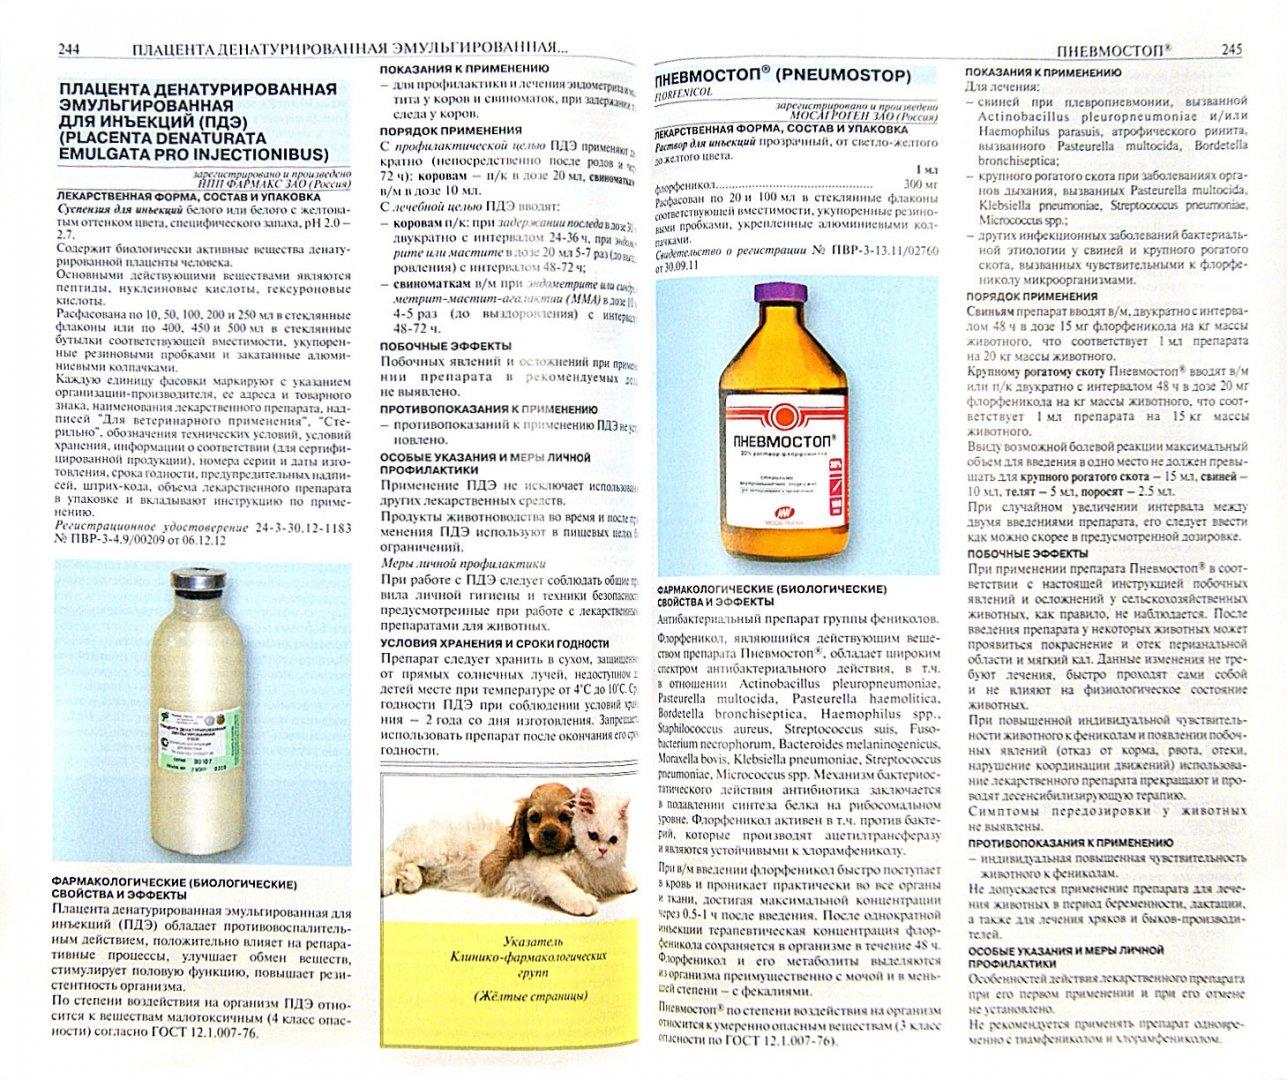 Пневмостоп-О: инструкция по применению в ветеринарии, дозировки для кур и свиней